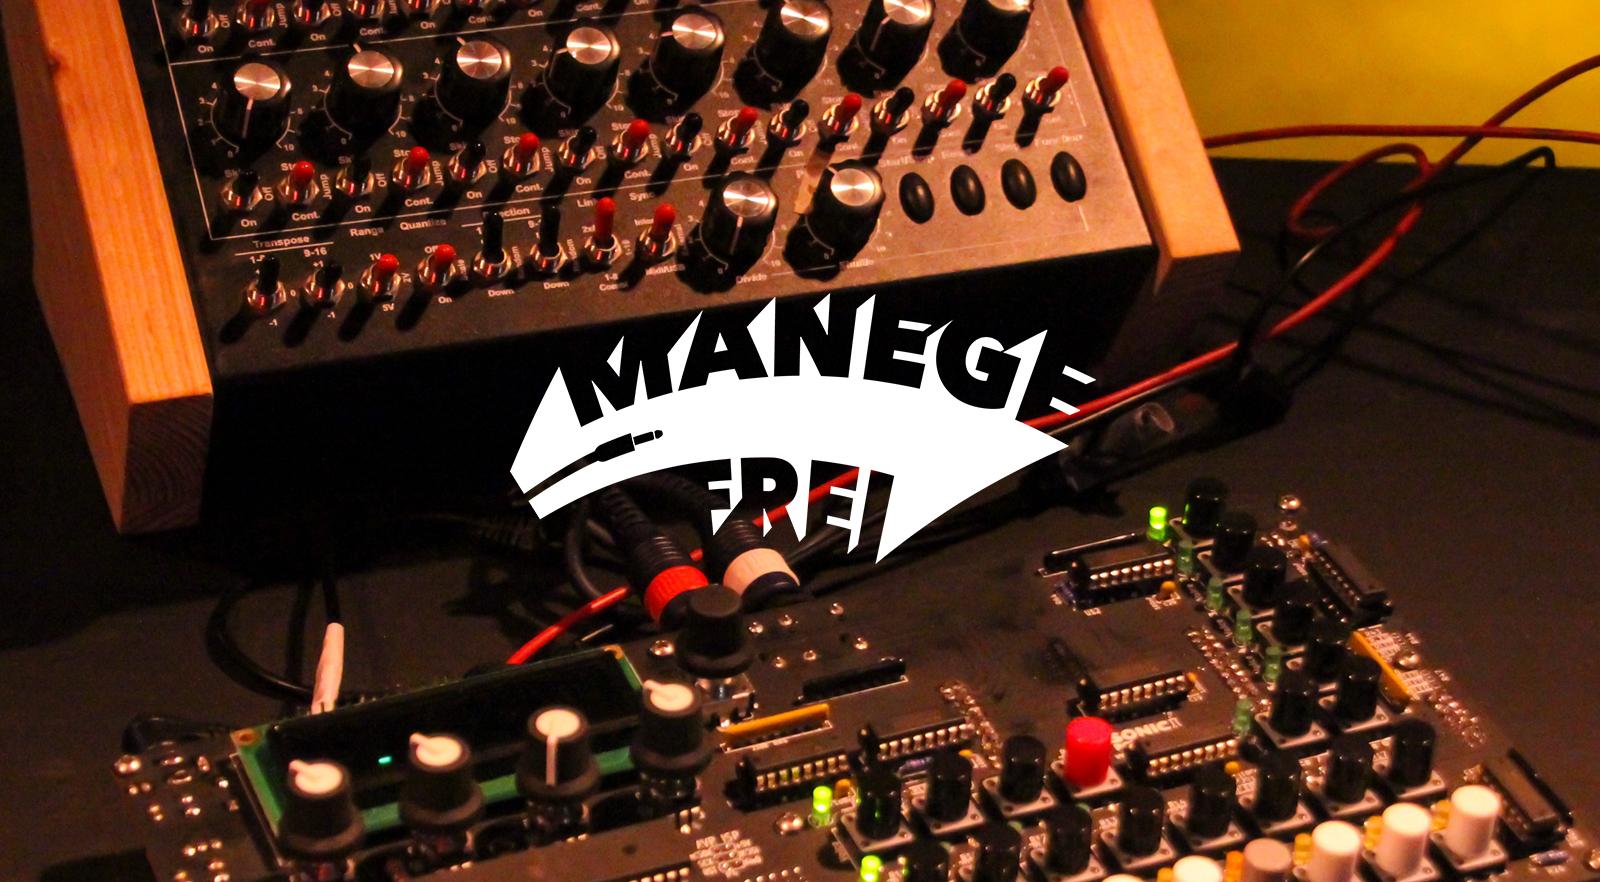 Manege_Frei_009_200308